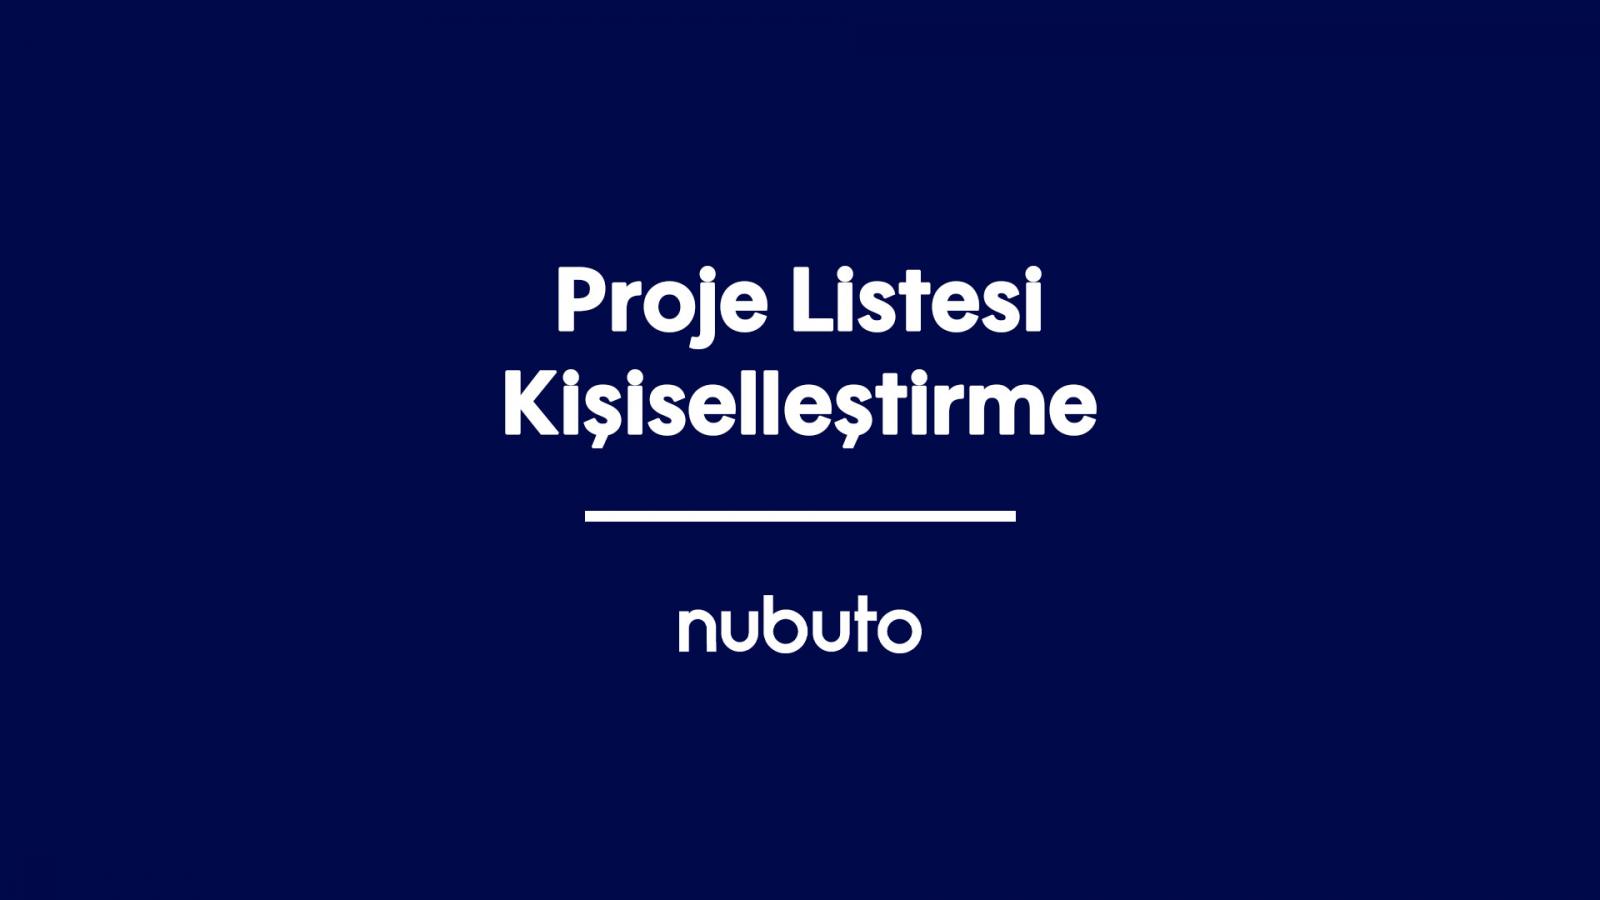 Proje Listesi Kişiselleştirme